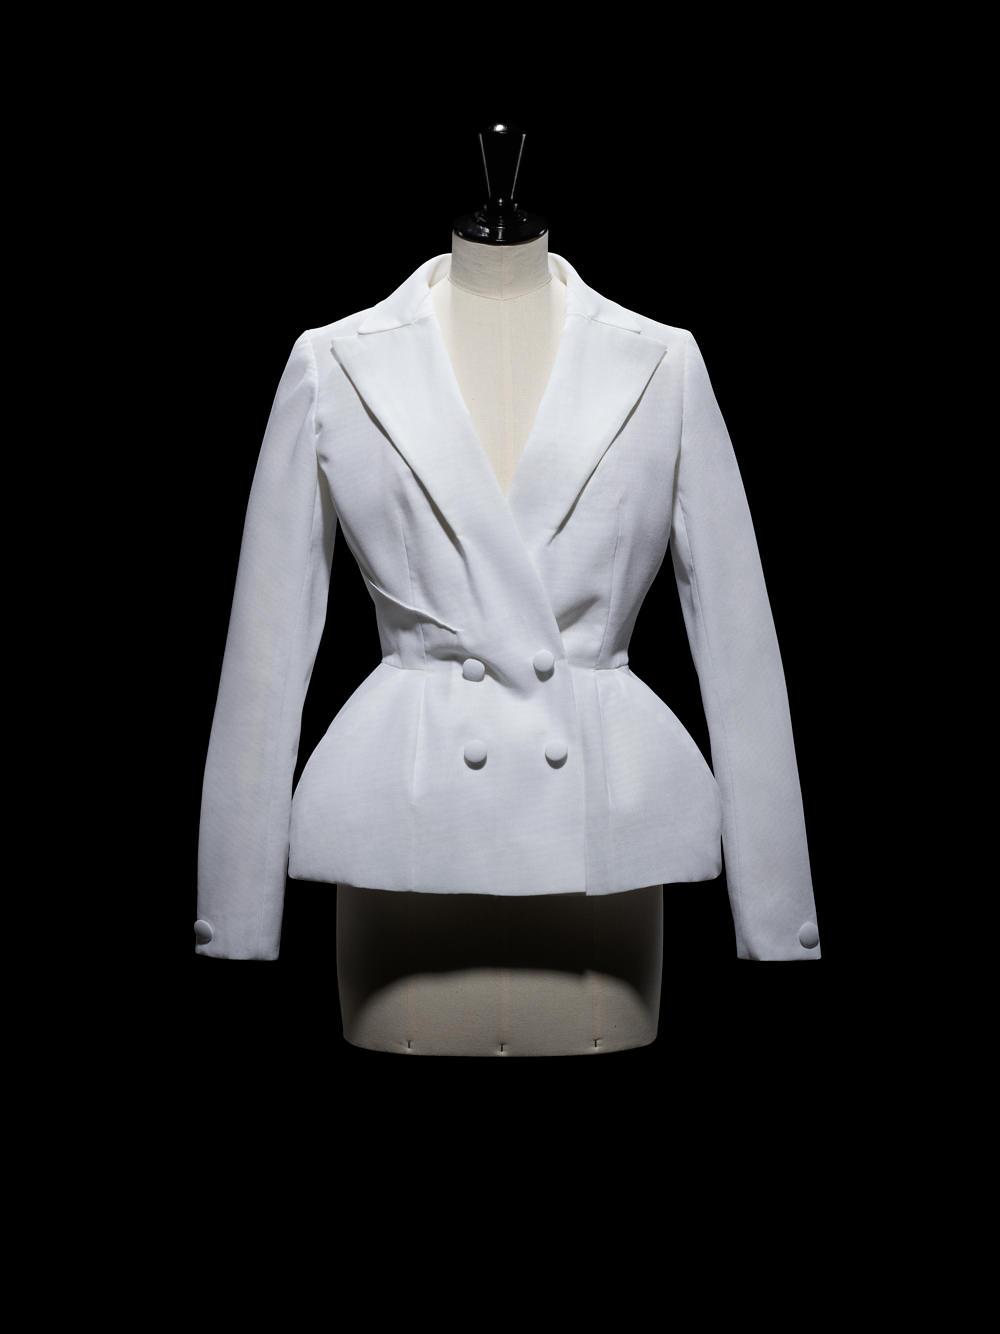 Toile d'une veste de la collection Haute Couture automne-hiver 2012. © Laziz Hamani